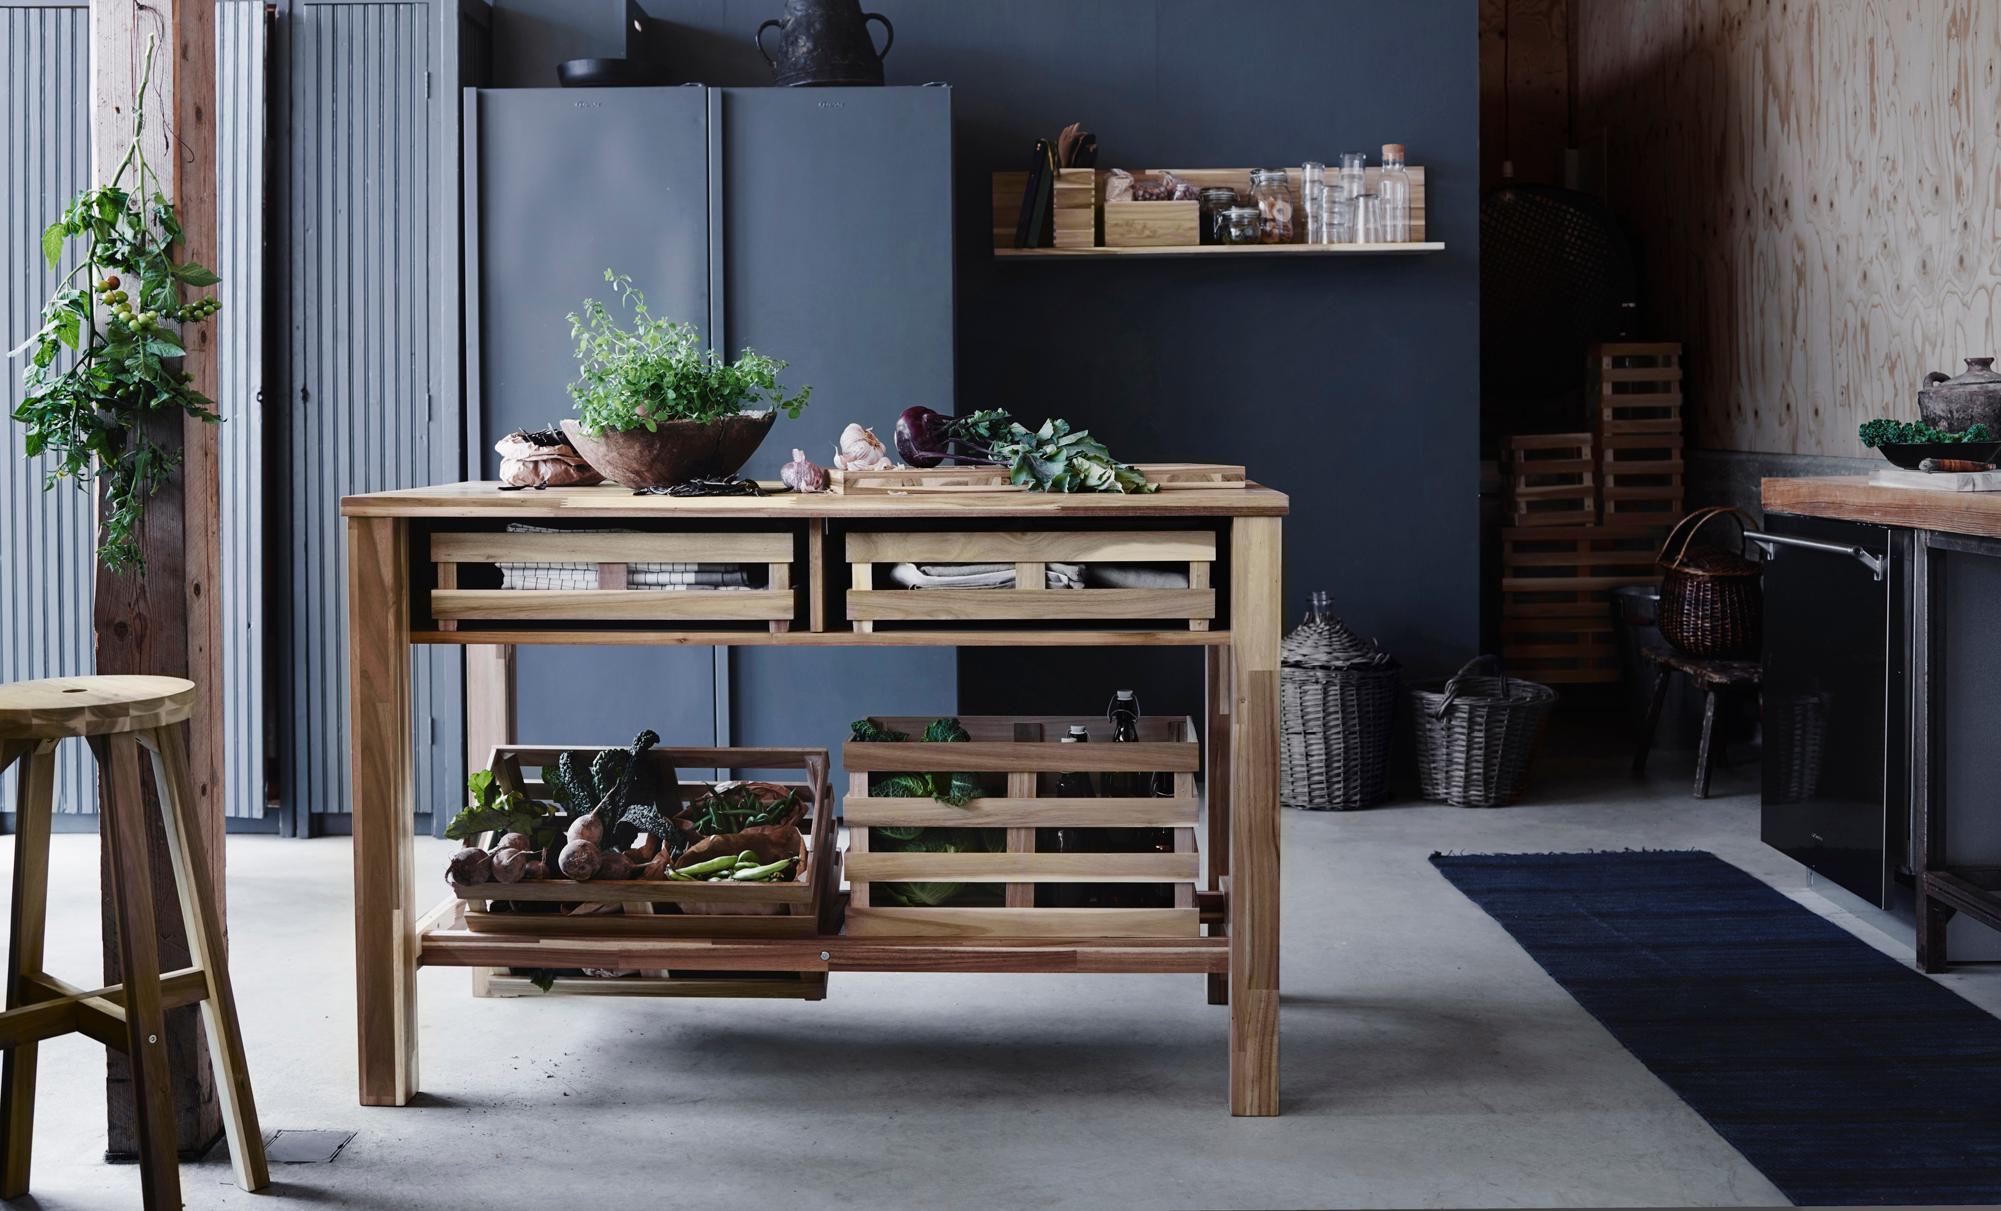 Full Size of Ikea Sofa Mit Schlaffunktion Betten Bei 160x200 Modulküche Küche Kosten Kaufen Miniküche Wohnzimmer Kücheninsel Ikea